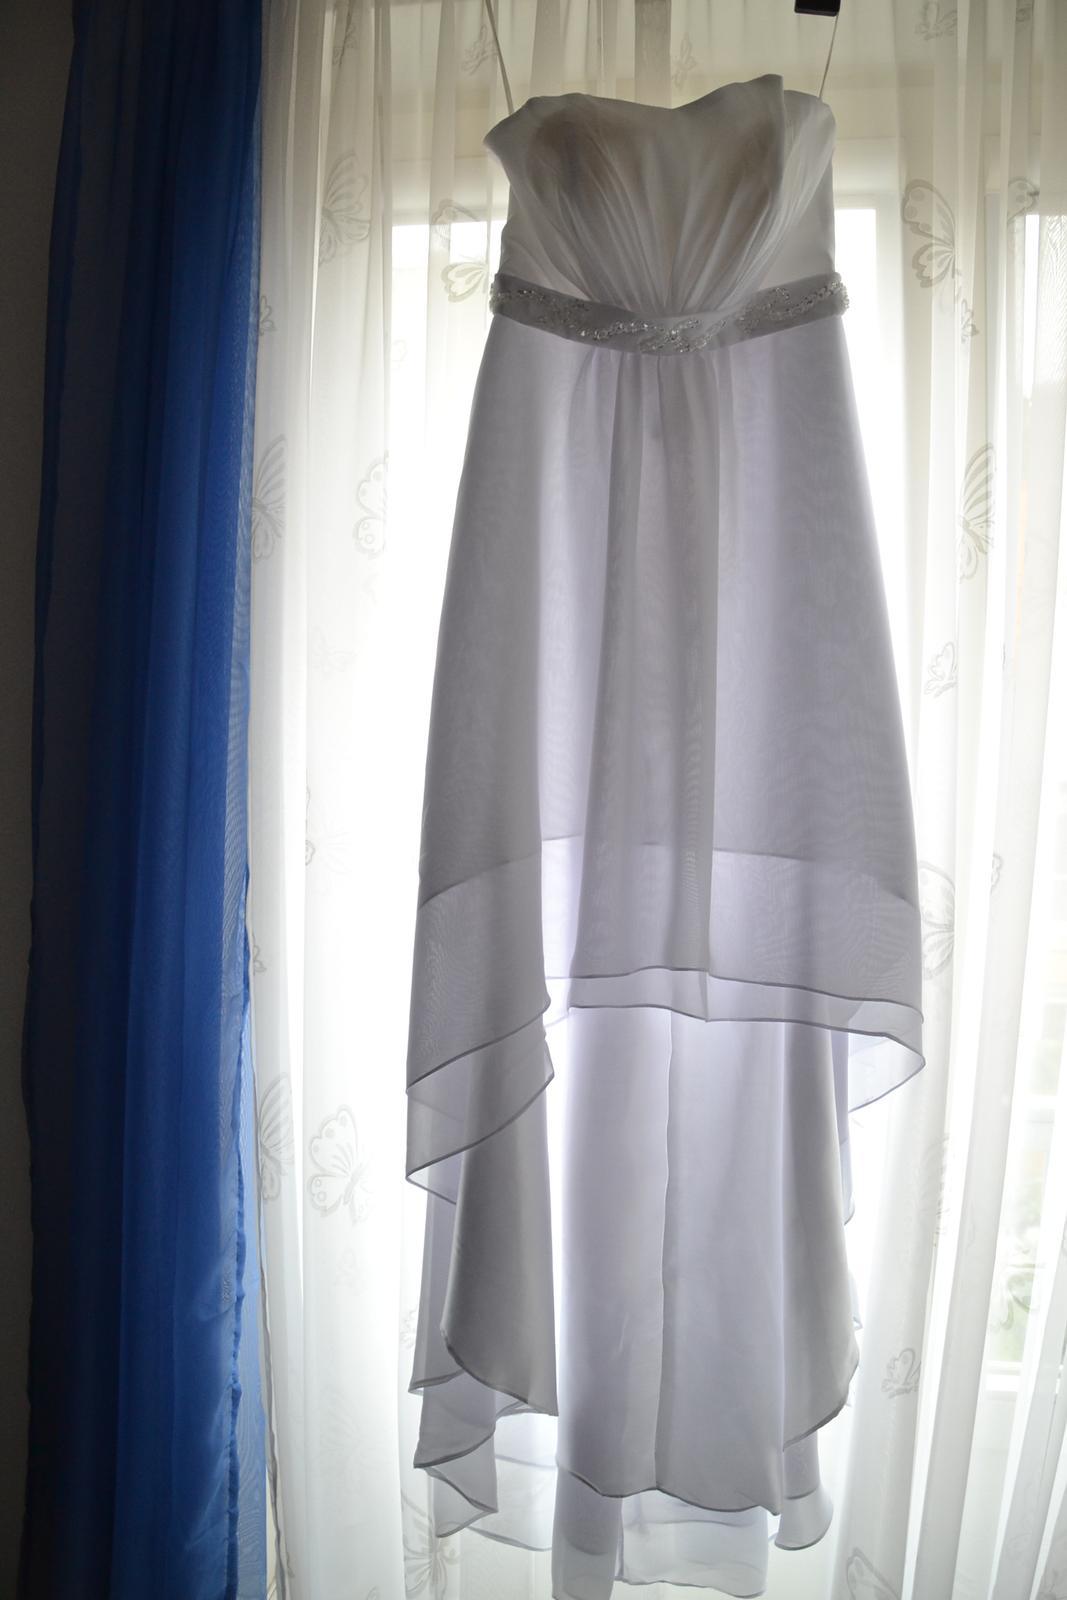 Asymetrické svatební šaty vhodné i jako těhu - Obrázek č. 1